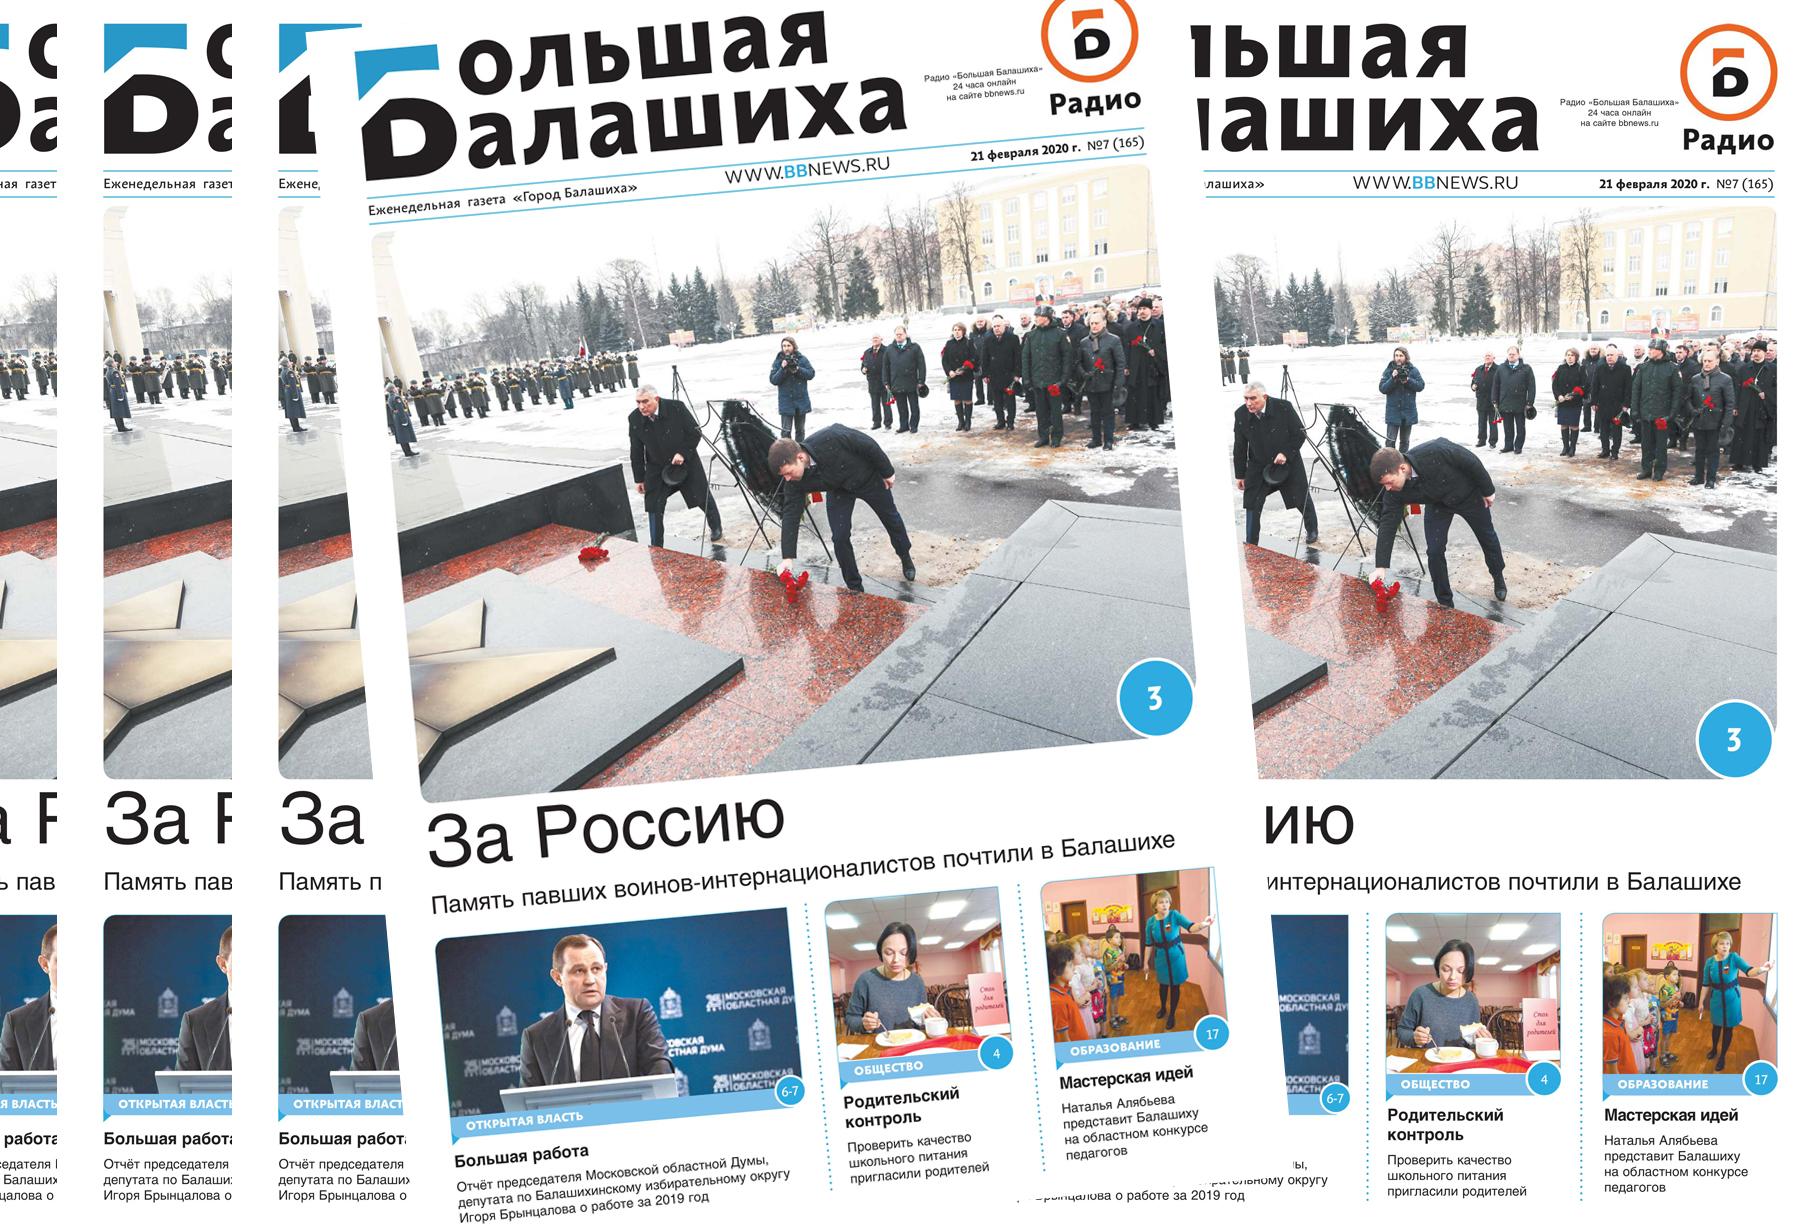 Вышла газета «Город Балашиха» №7 (165)